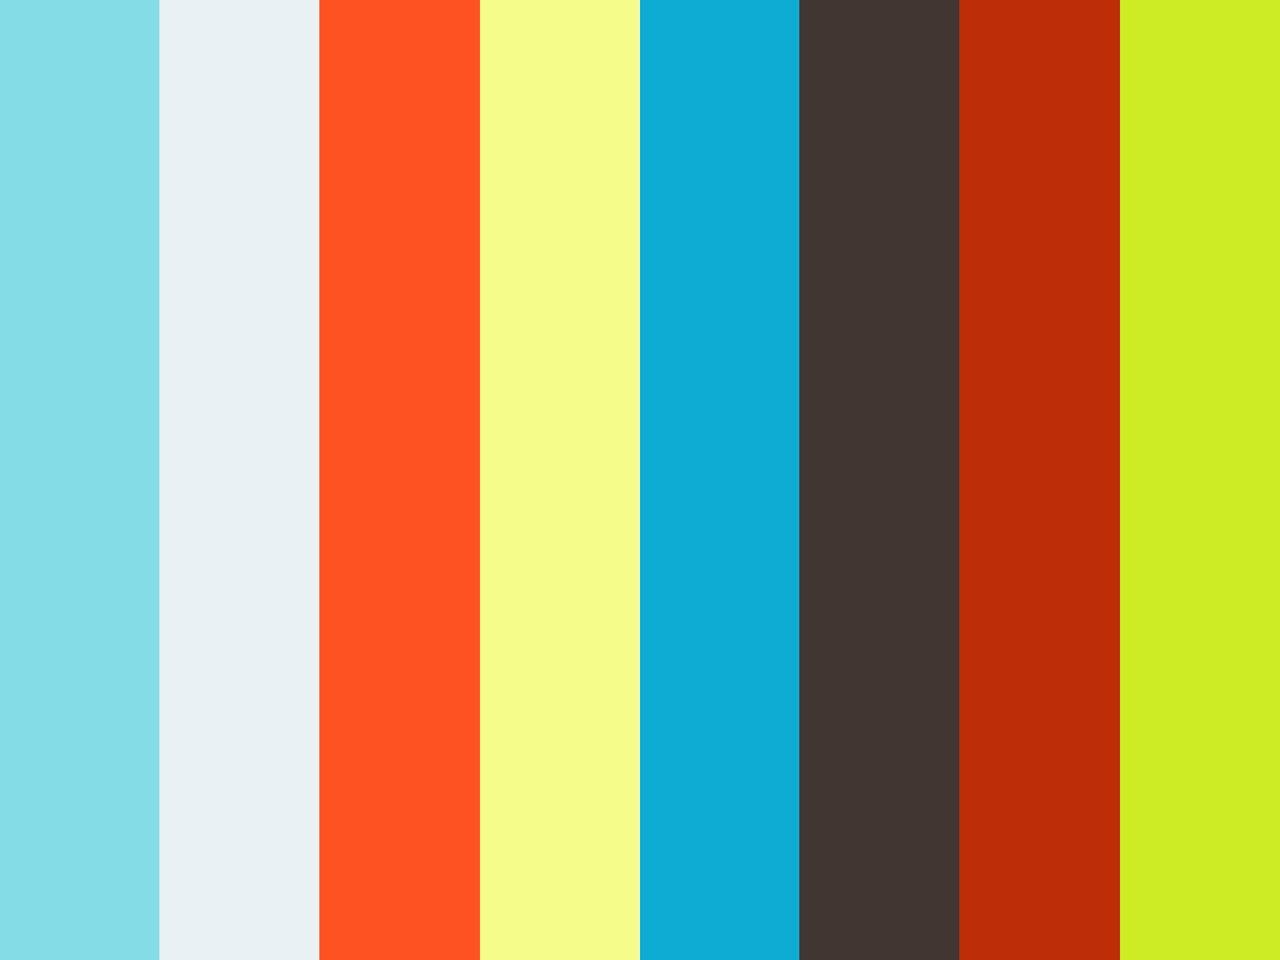 Werner Paddles-Skagit FG + Tybee FG 4-Piece Breakdown